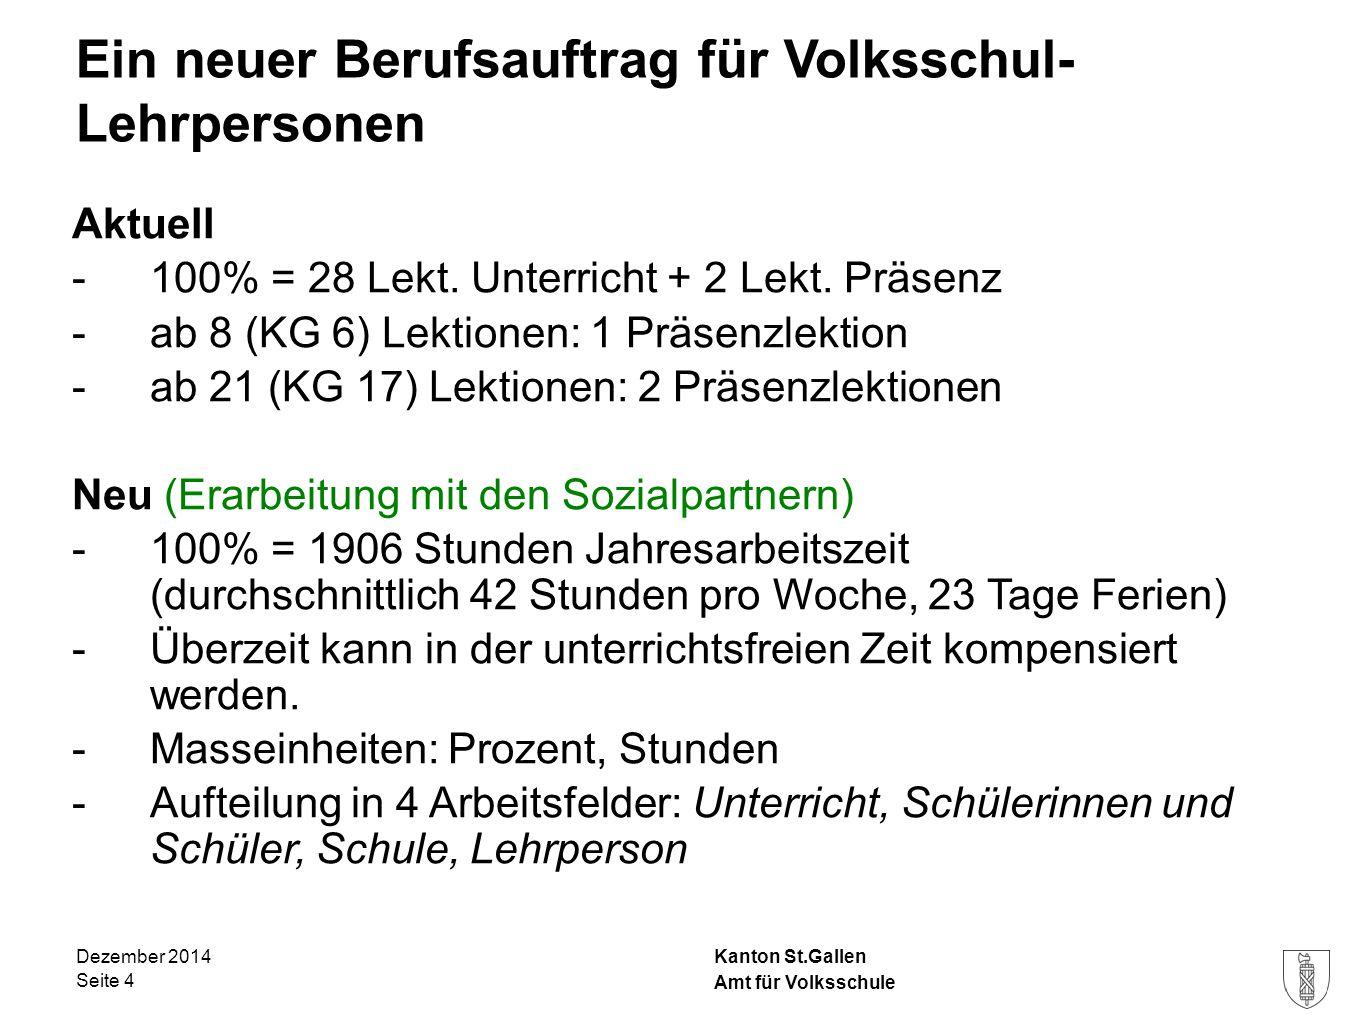 Kanton St.Gallen Ein neuer Berufsauftrag für Volksschul- Lehrpersonen Aktuell -100% = 28 Lekt. Unterricht + 2 Lekt. Präsenz -ab 8 (KG 6) Lektionen: 1